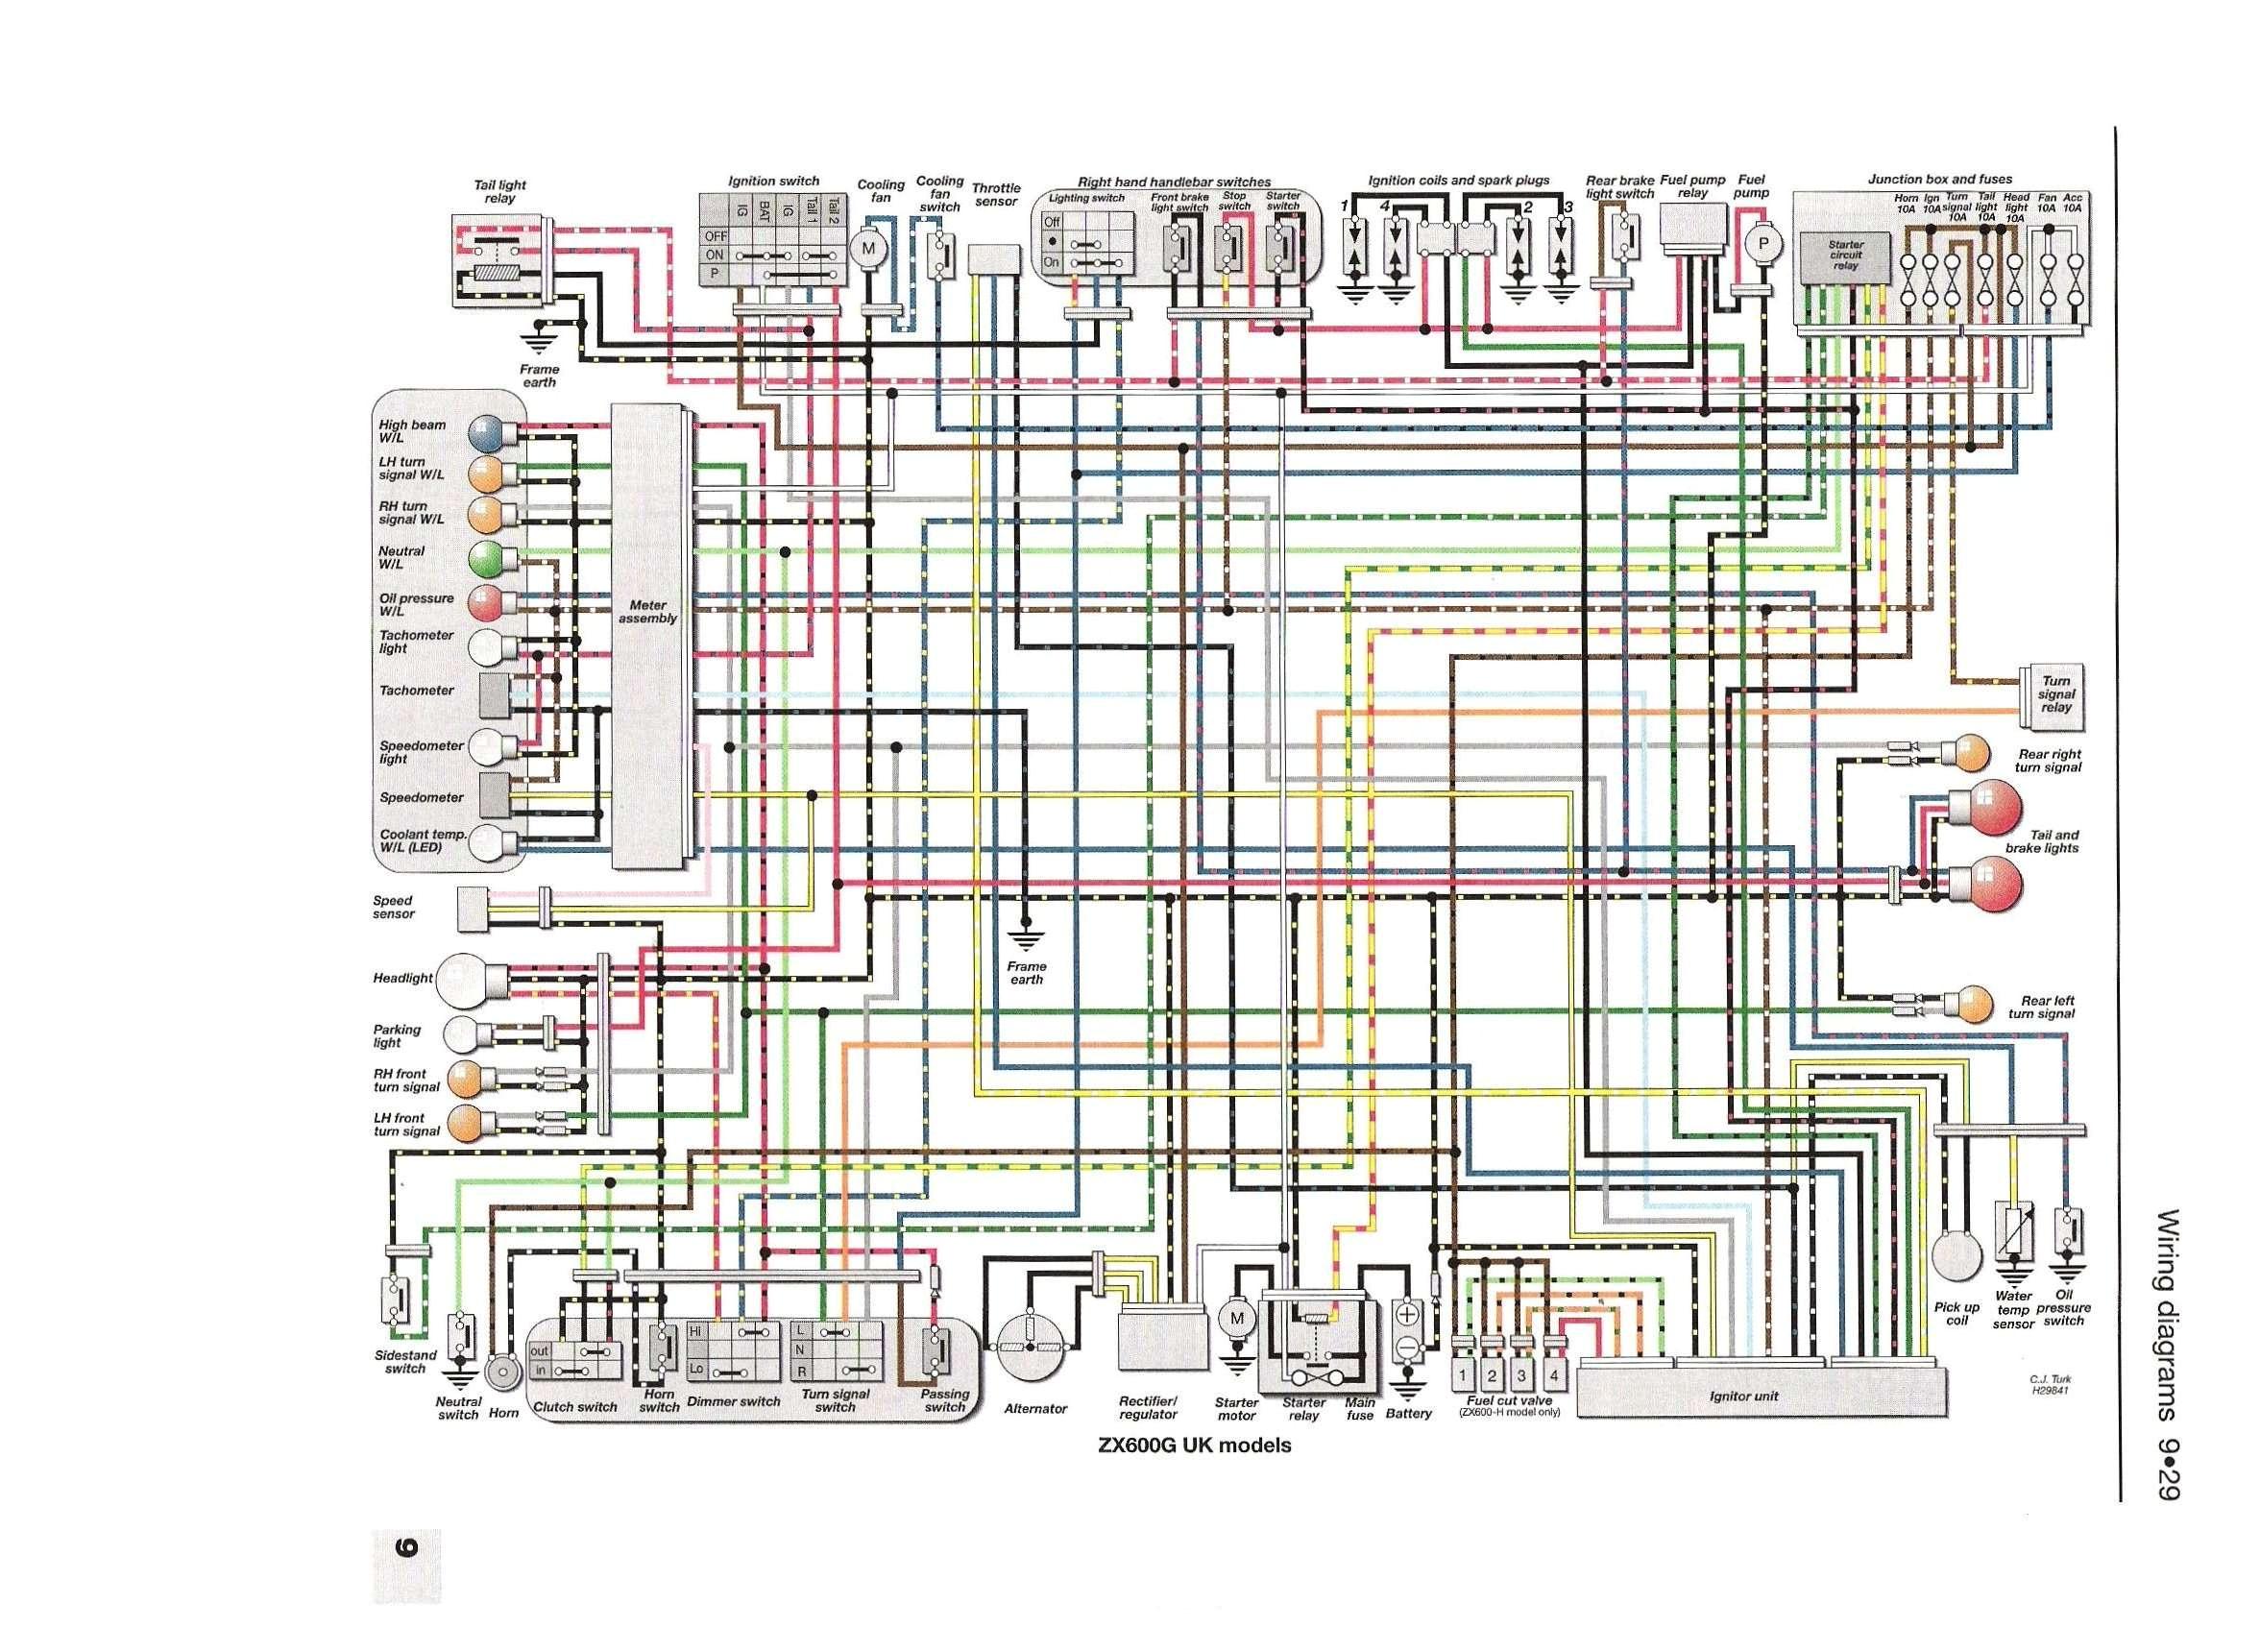 kawasaki 2003 636 wiring diagram wiring diagram g9kawasaki 2003 636 wiring diagram wiring diagram schematics kawasaki